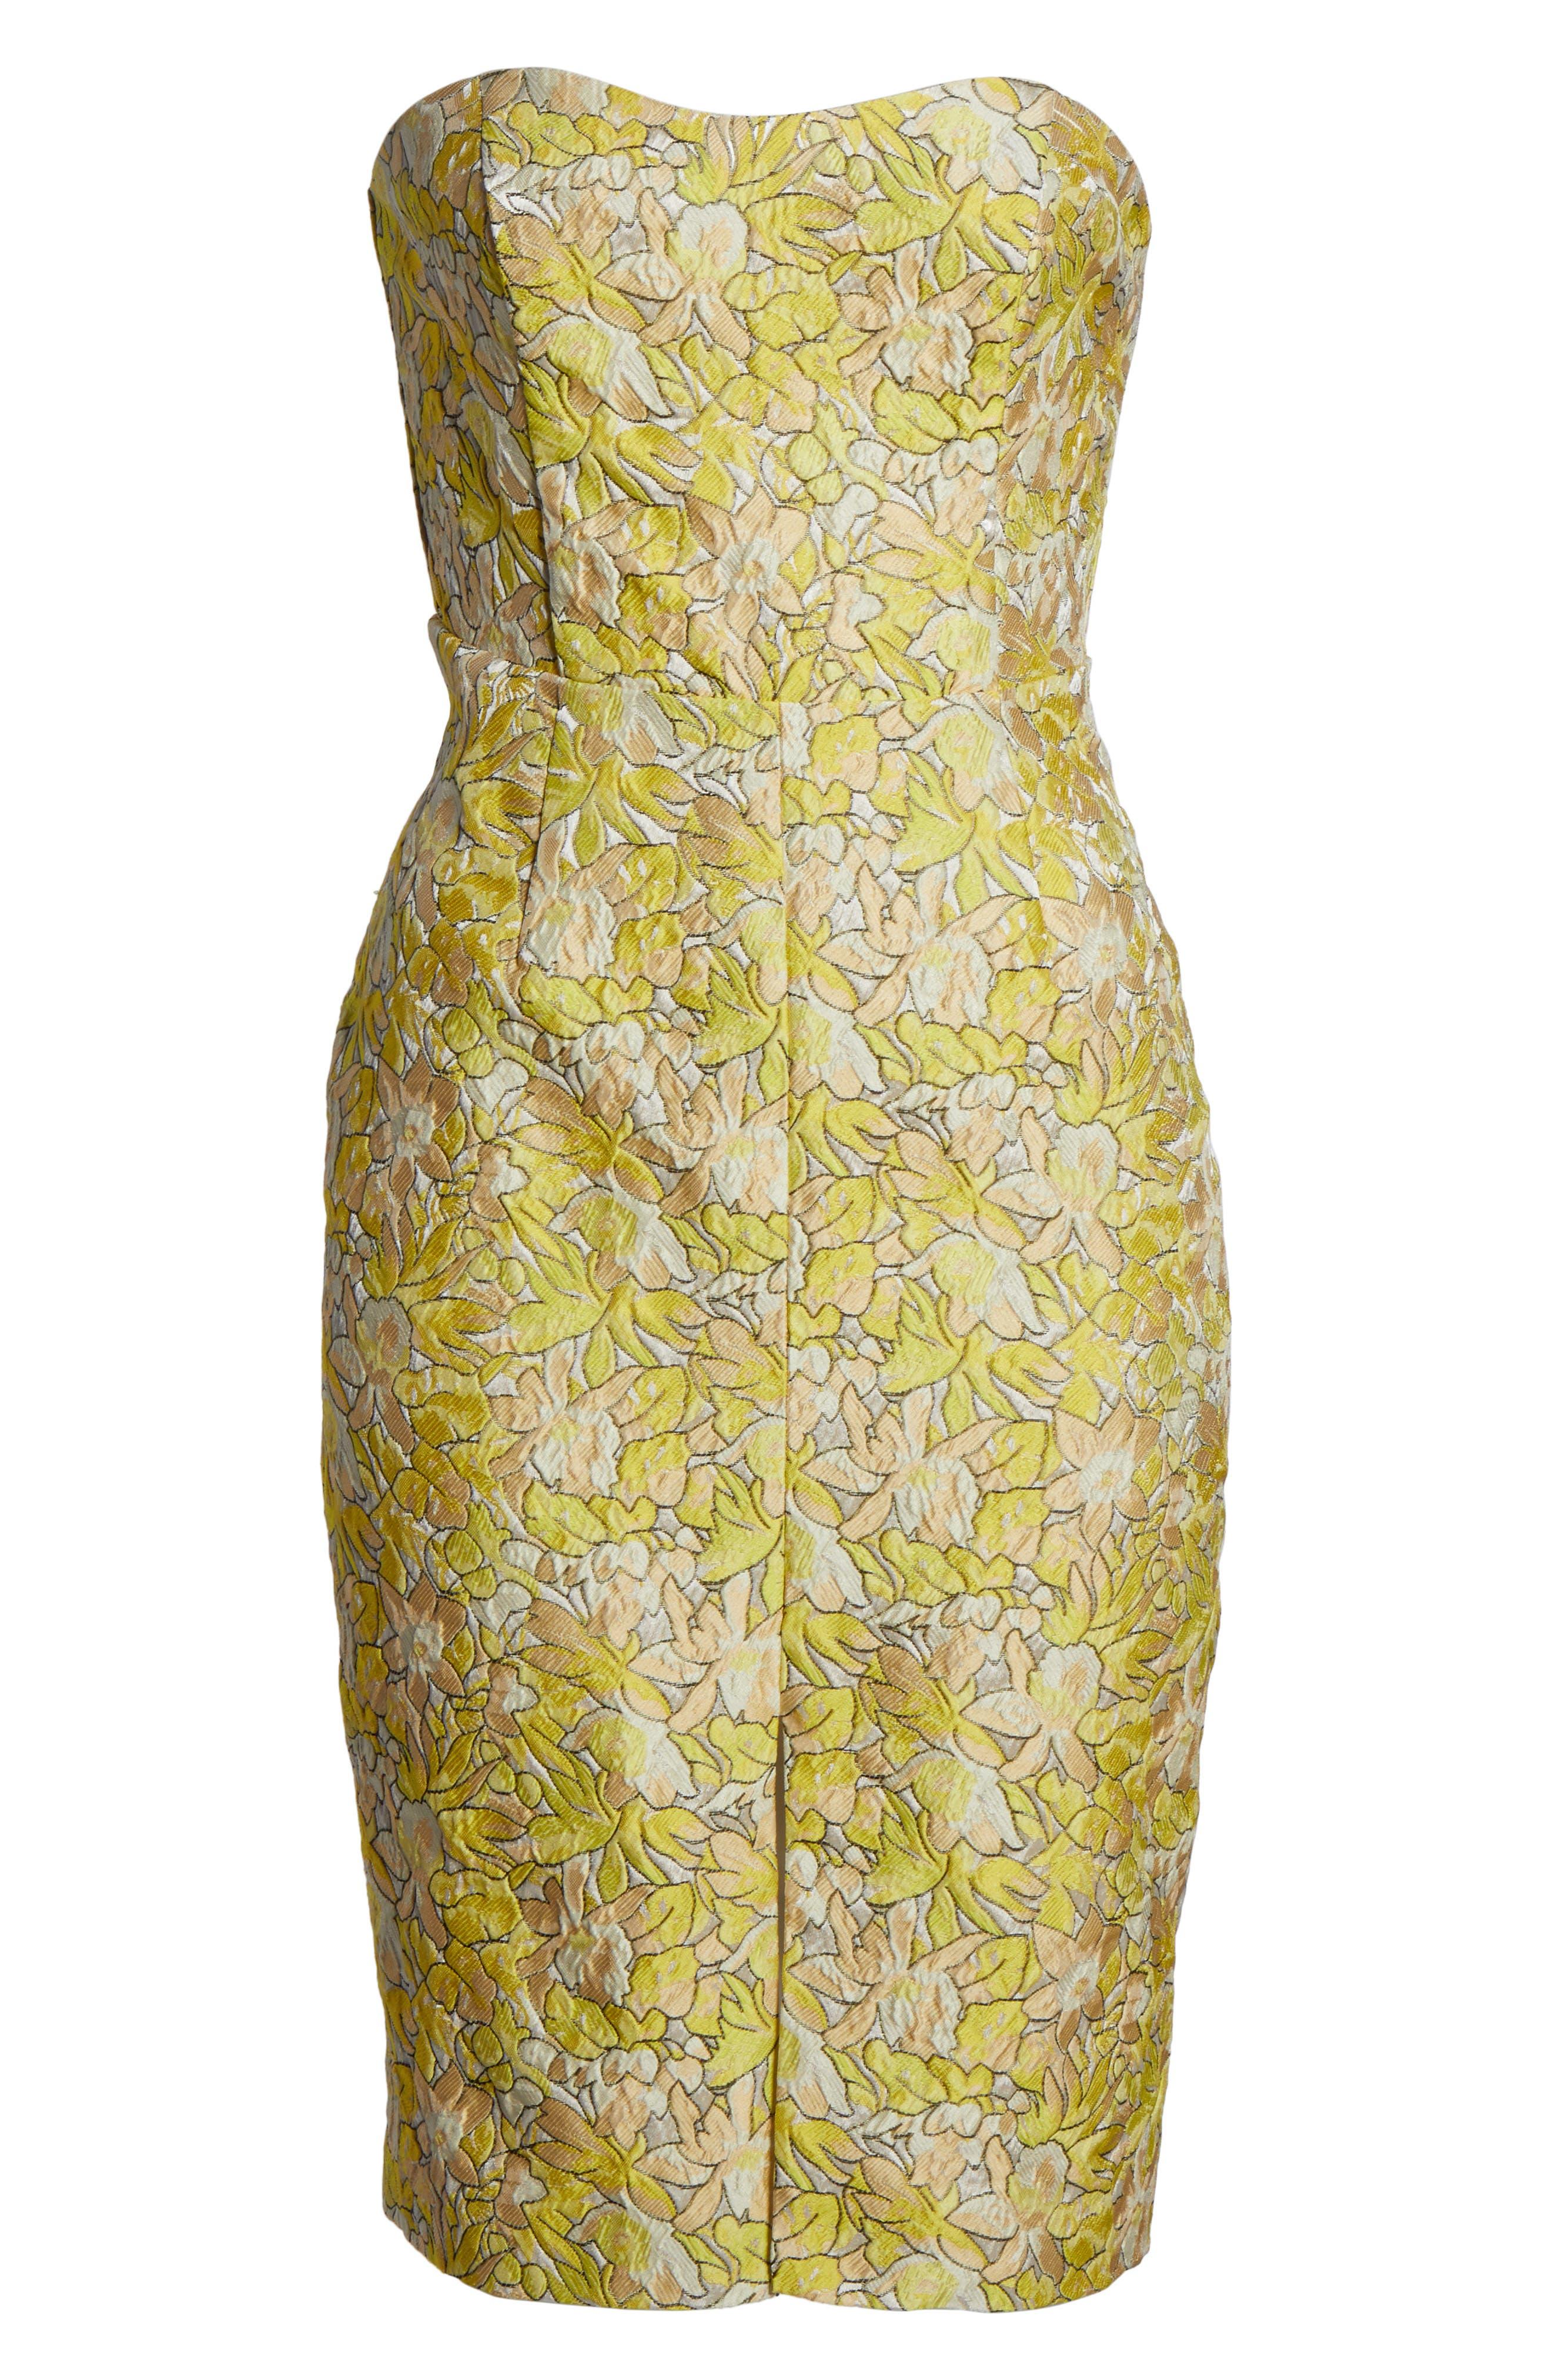 Gretta Strapless Jacquard Sheath Dress,                             Alternate thumbnail 6, color,                             730